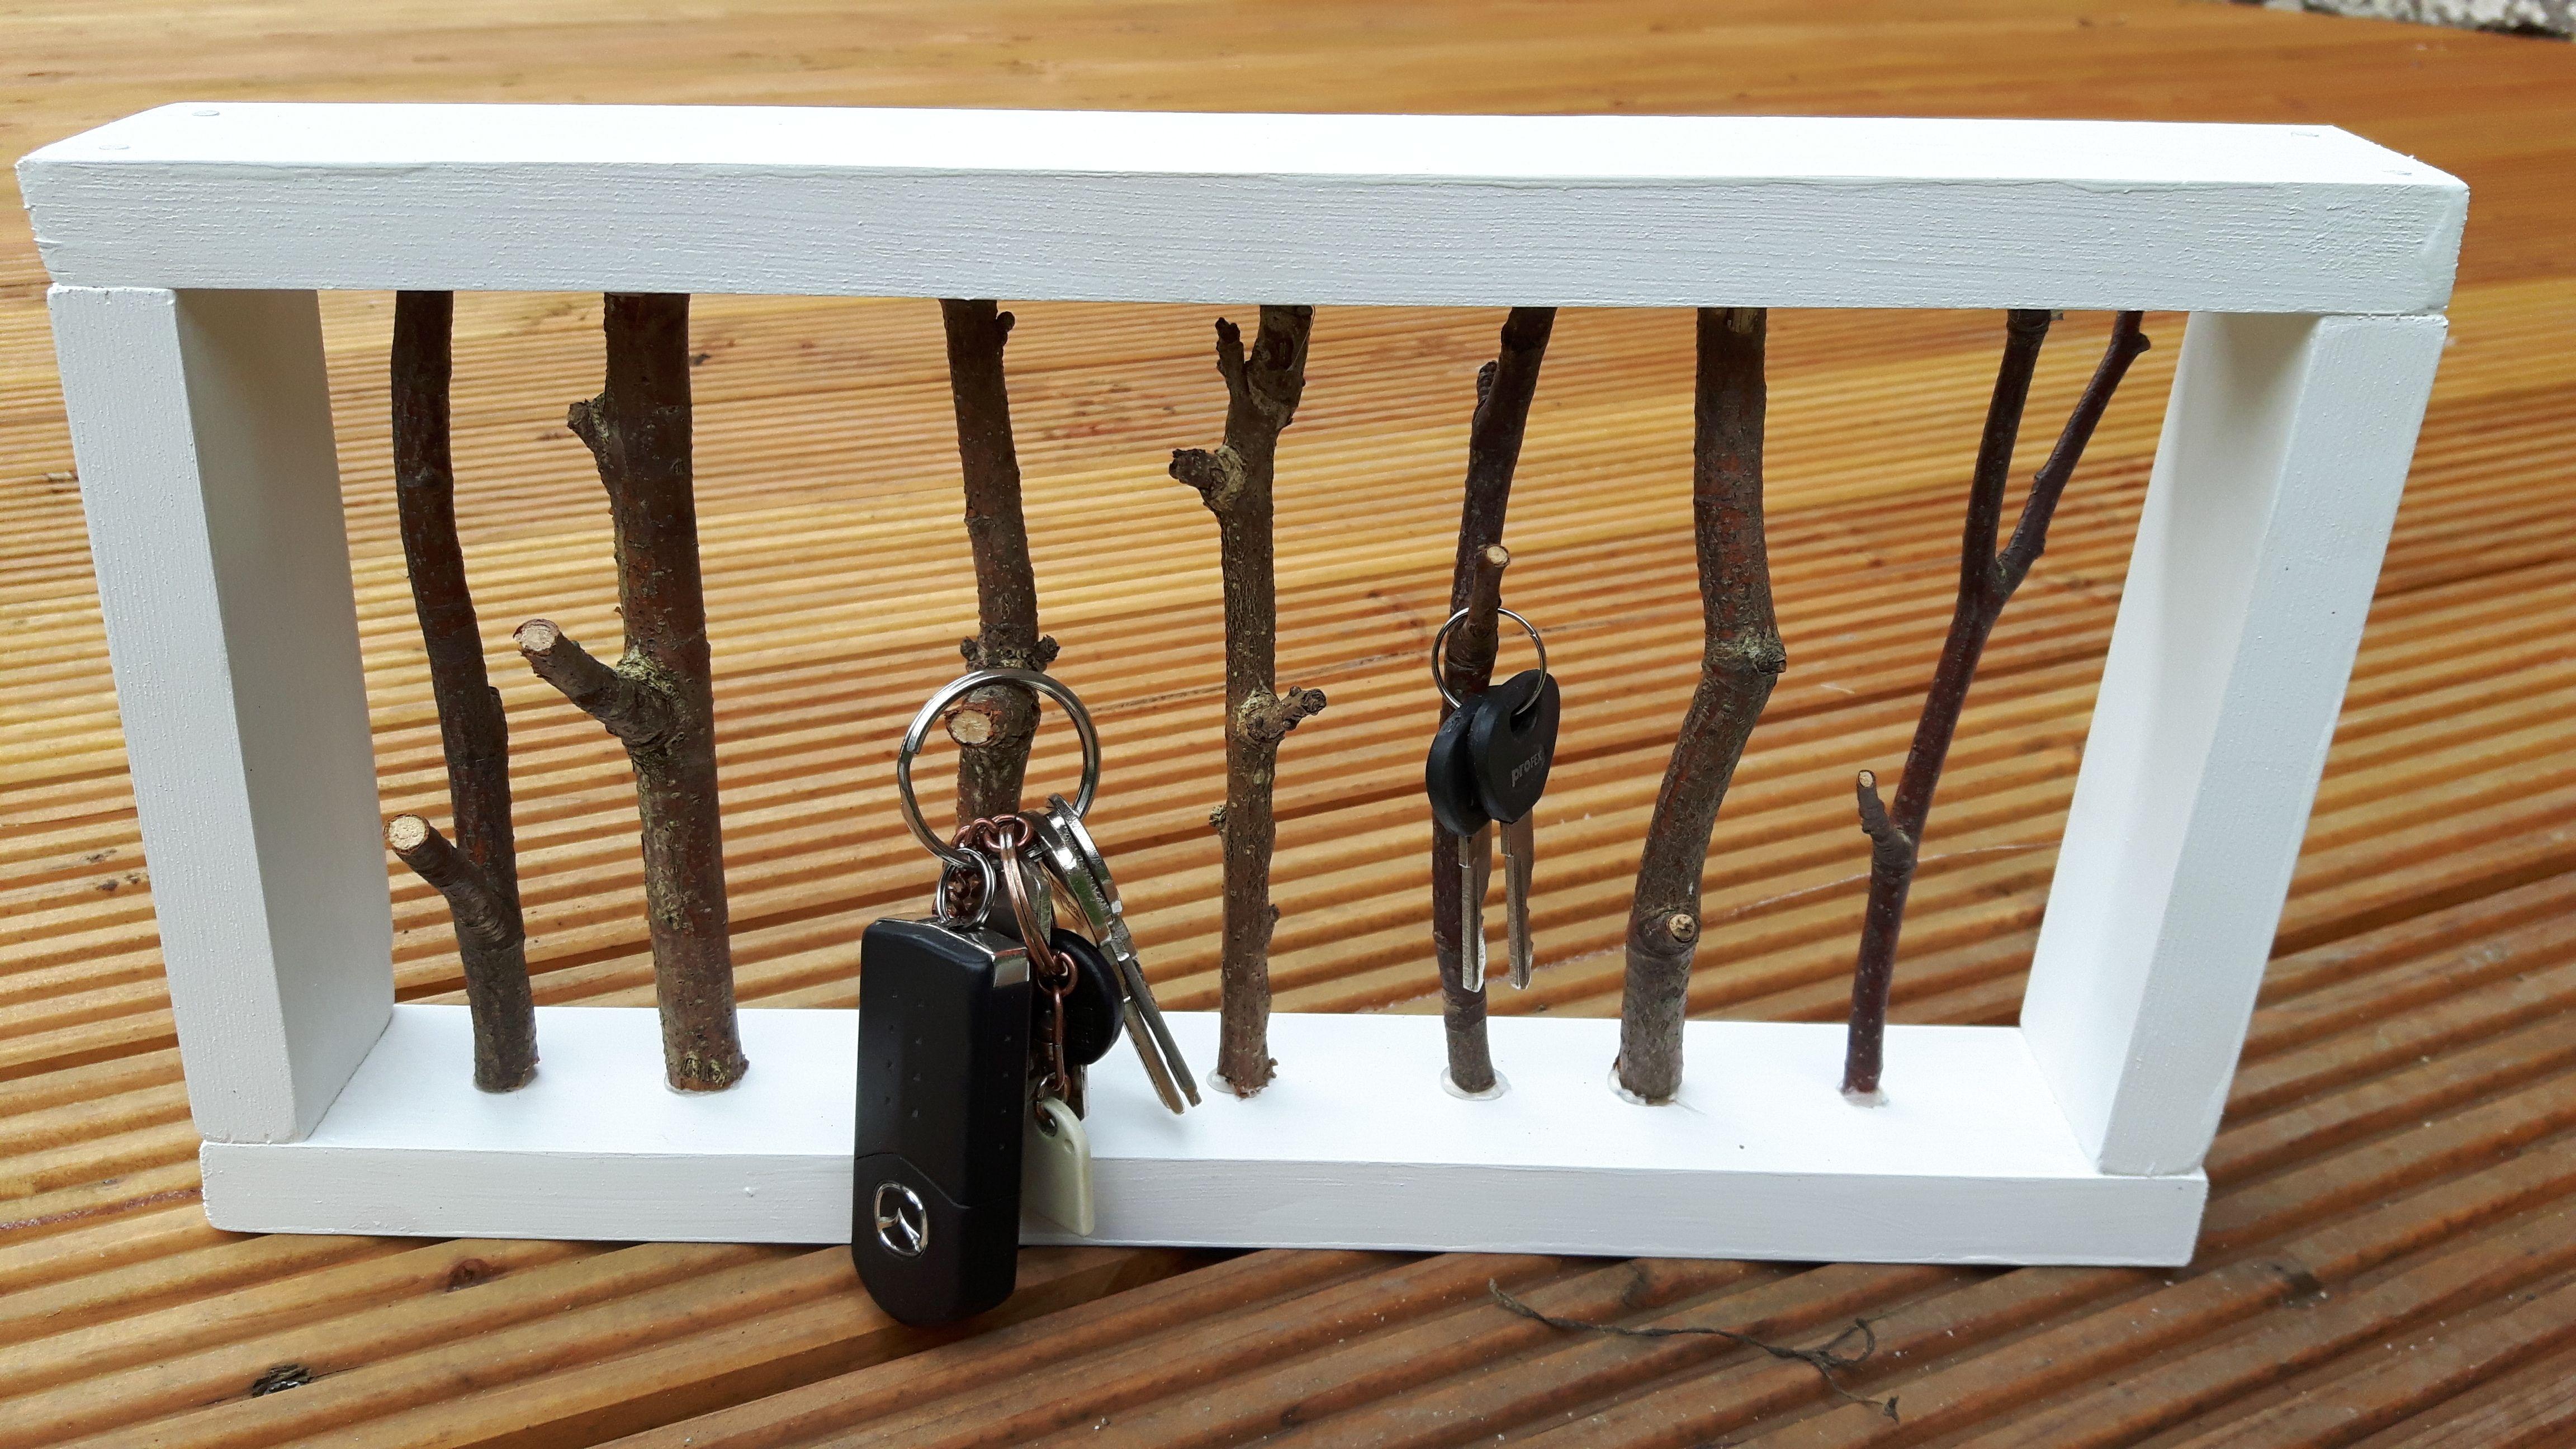 diy schlüsselbrett mit im wald gesammelten kleinen Ästen in einem